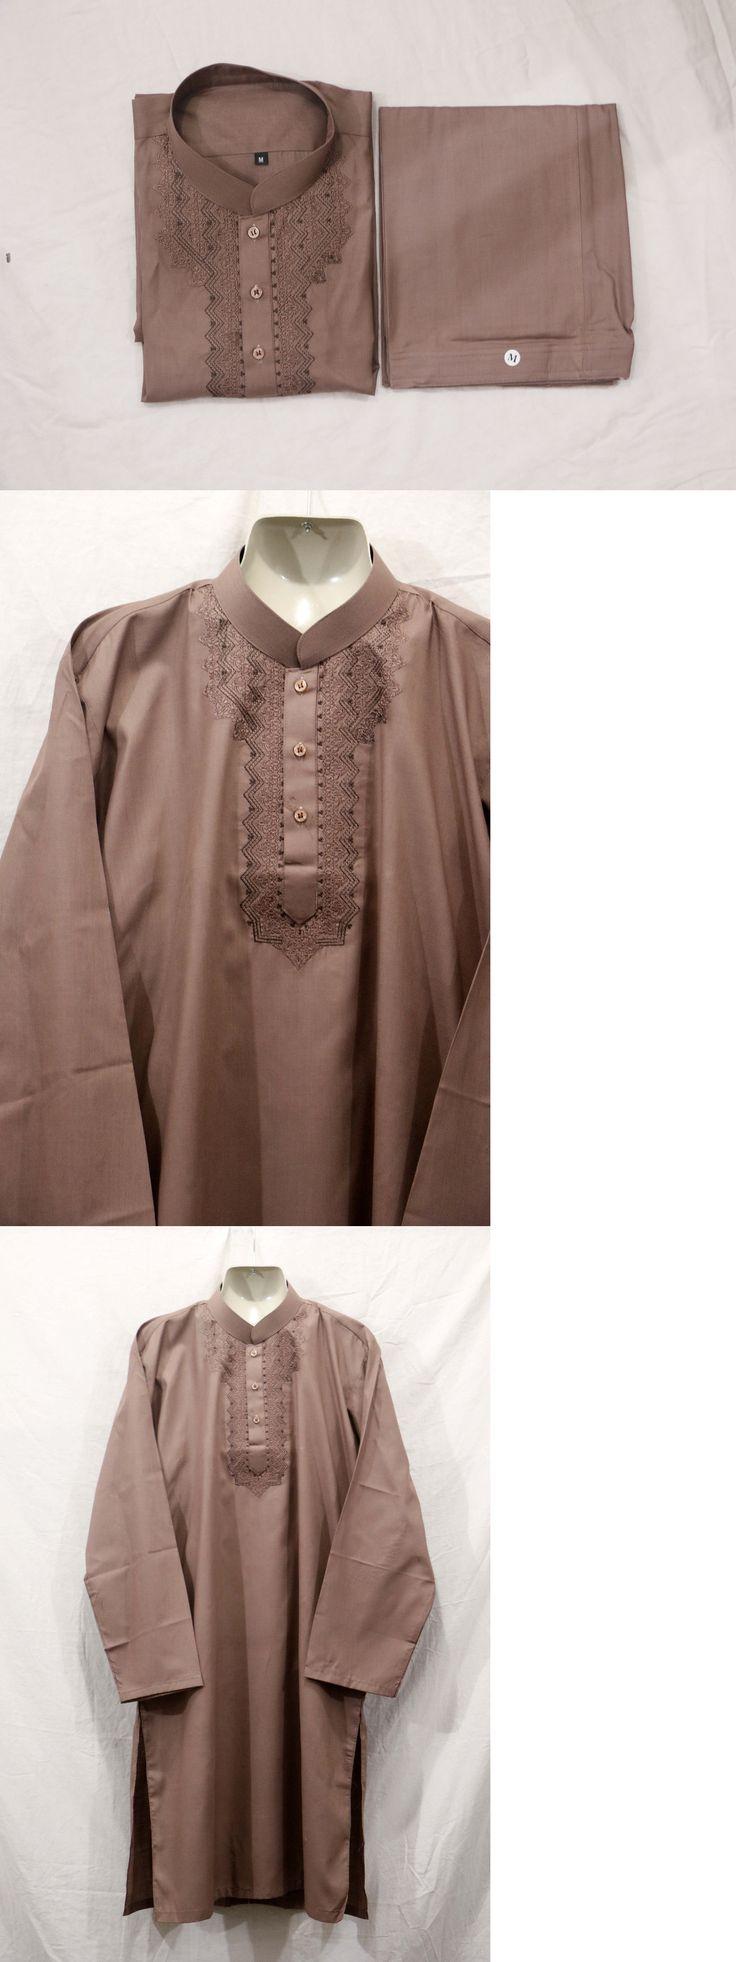 Salwar Kameez 155249: Pakistani Men Shalwar Kameez Pakistani Dress New Eid Casual Dress Sizes -> BUY IT NOW ONLY: $39.99 on eBay!